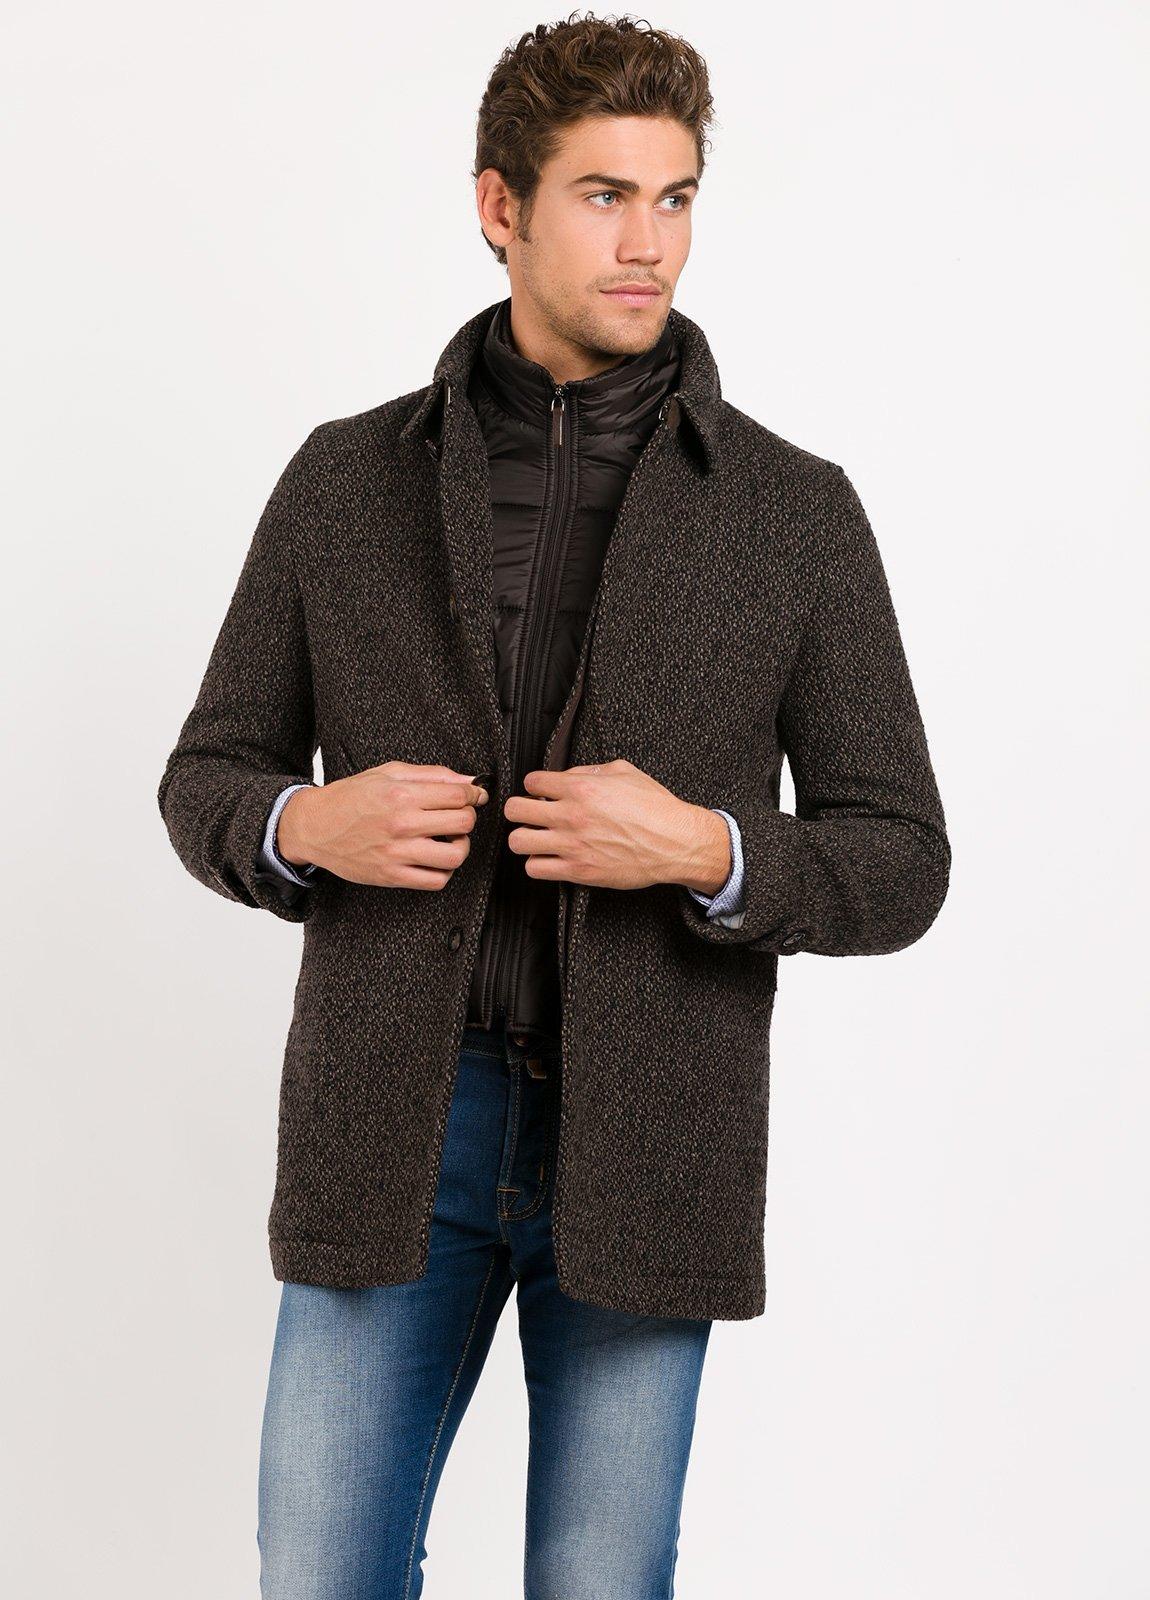 Abrigo corto con pecherin, color marrón jaspeado. 55% Lana, 24% PA, 14% Acri. 4% Pol, 3% Alpaca. - Ítem4